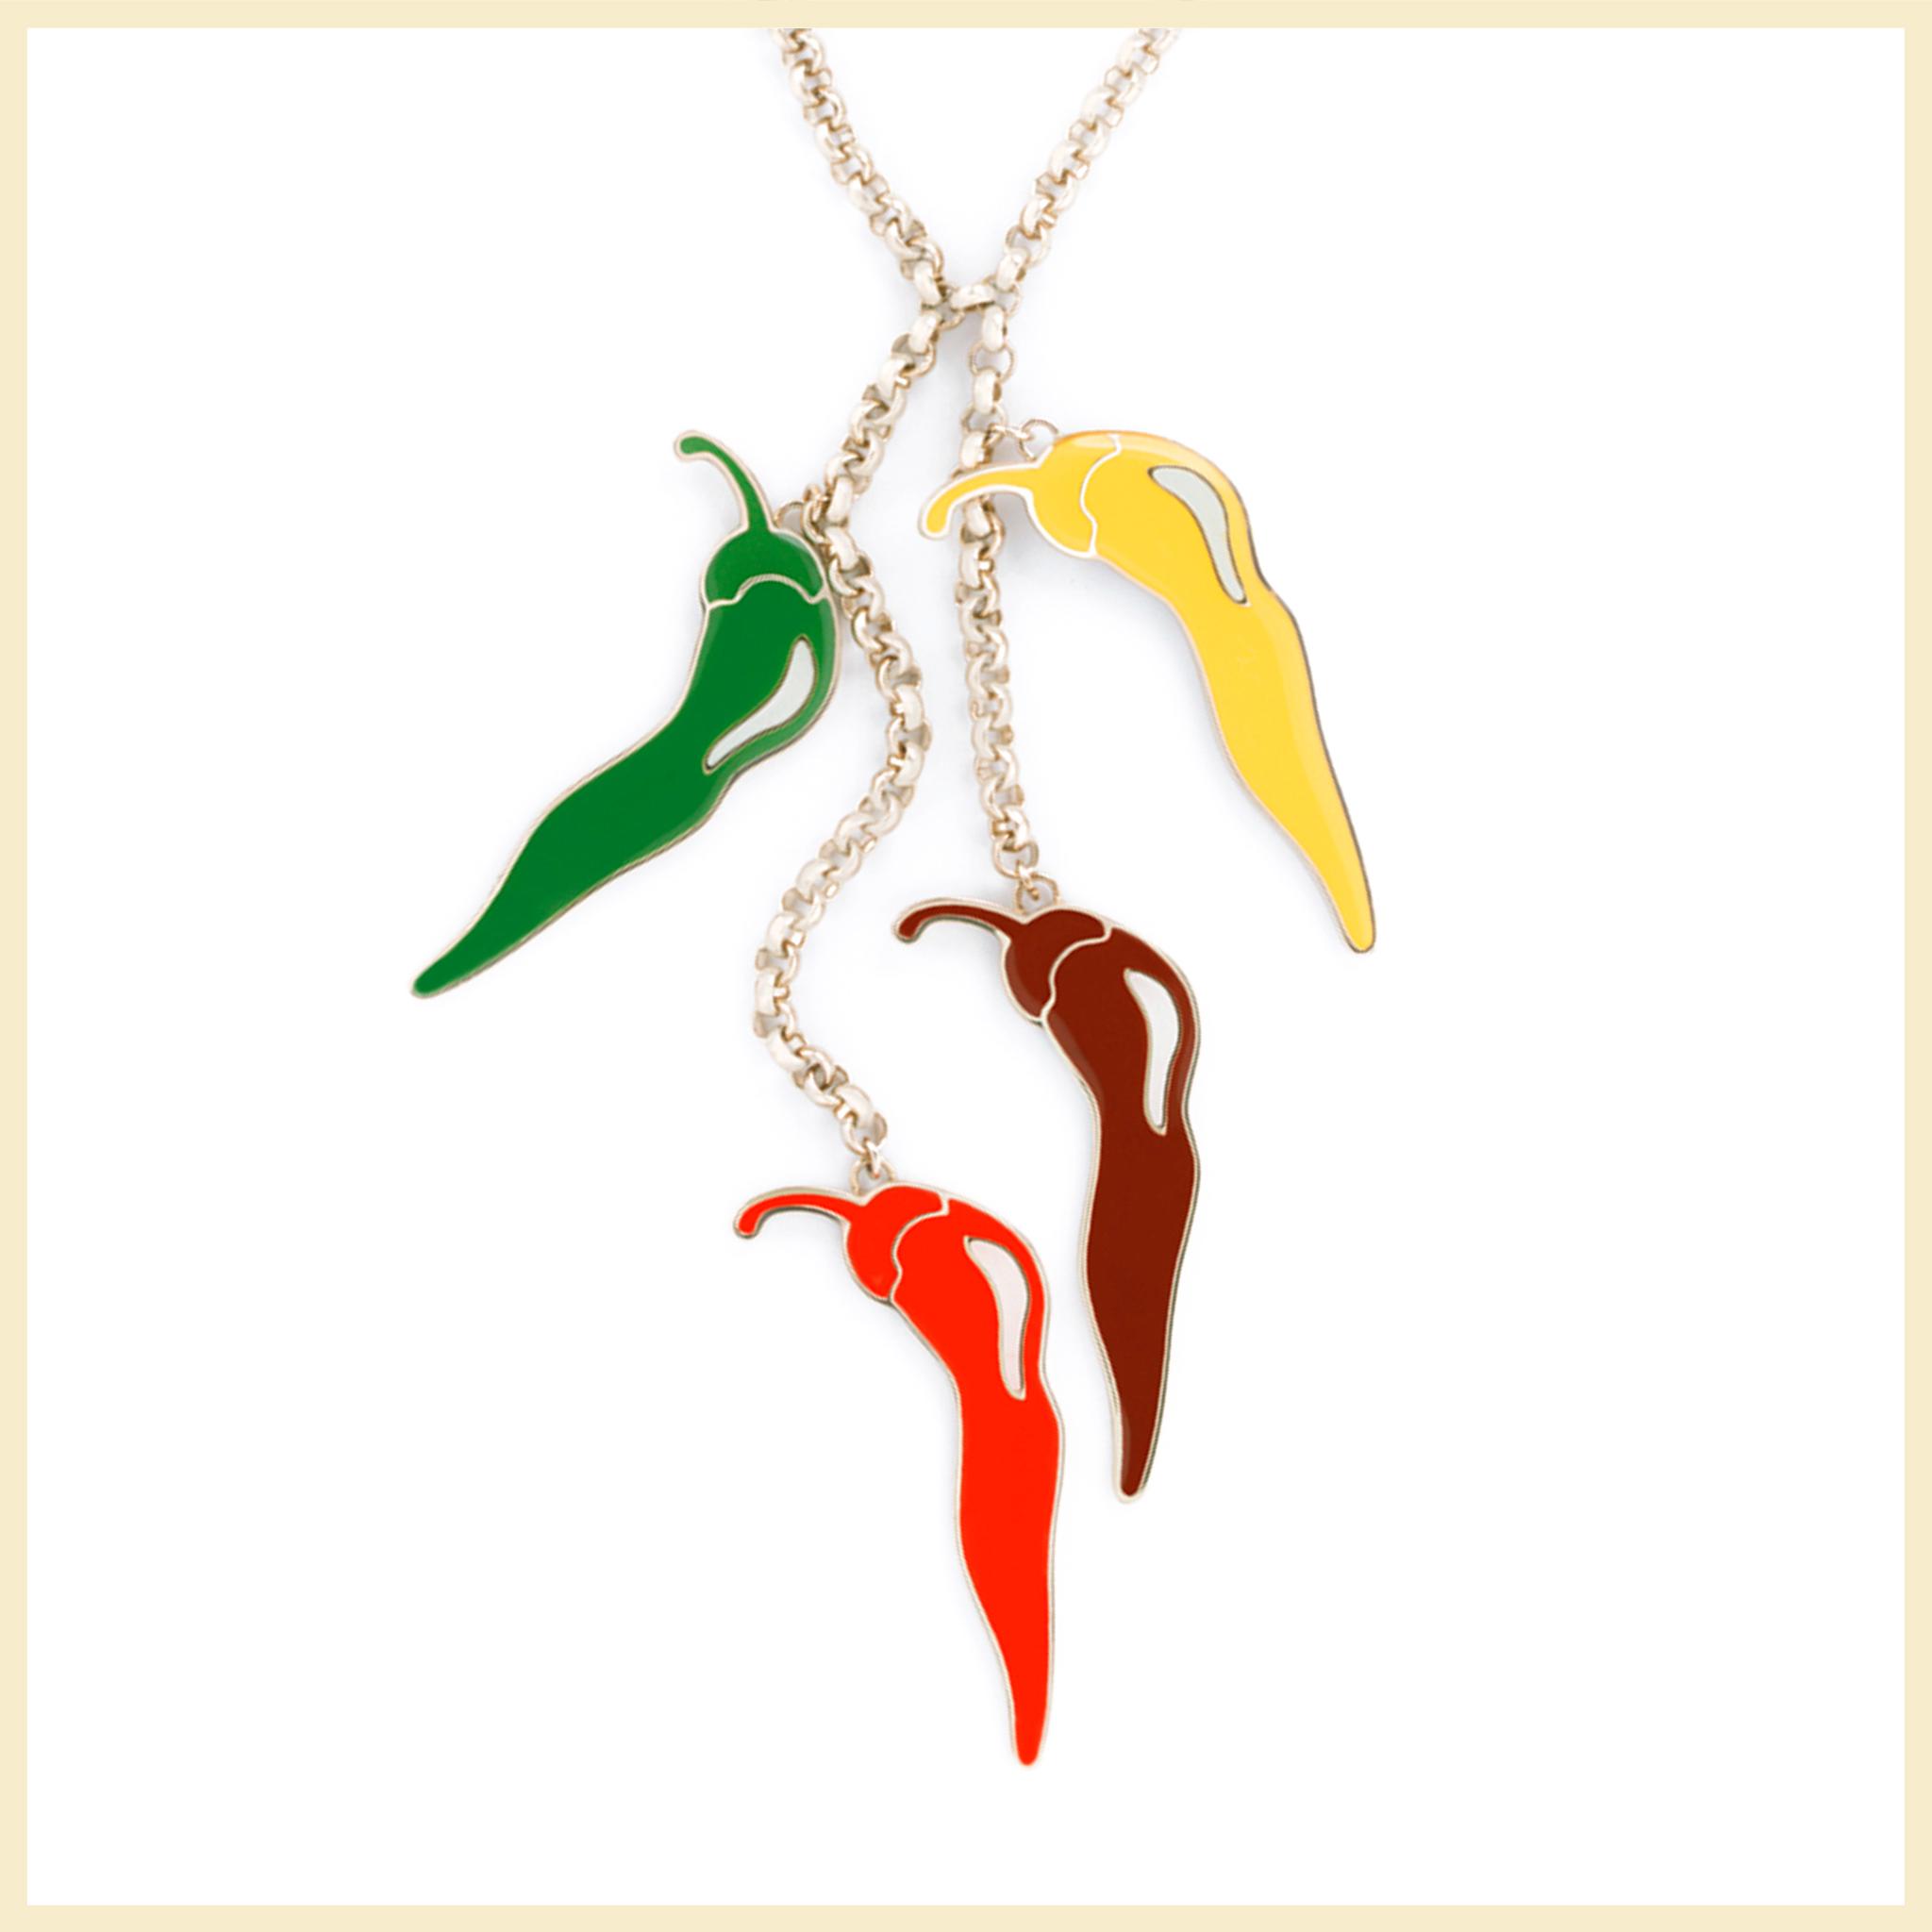 pepper-necklace-cordien-bijoux-jewel-1.jpg